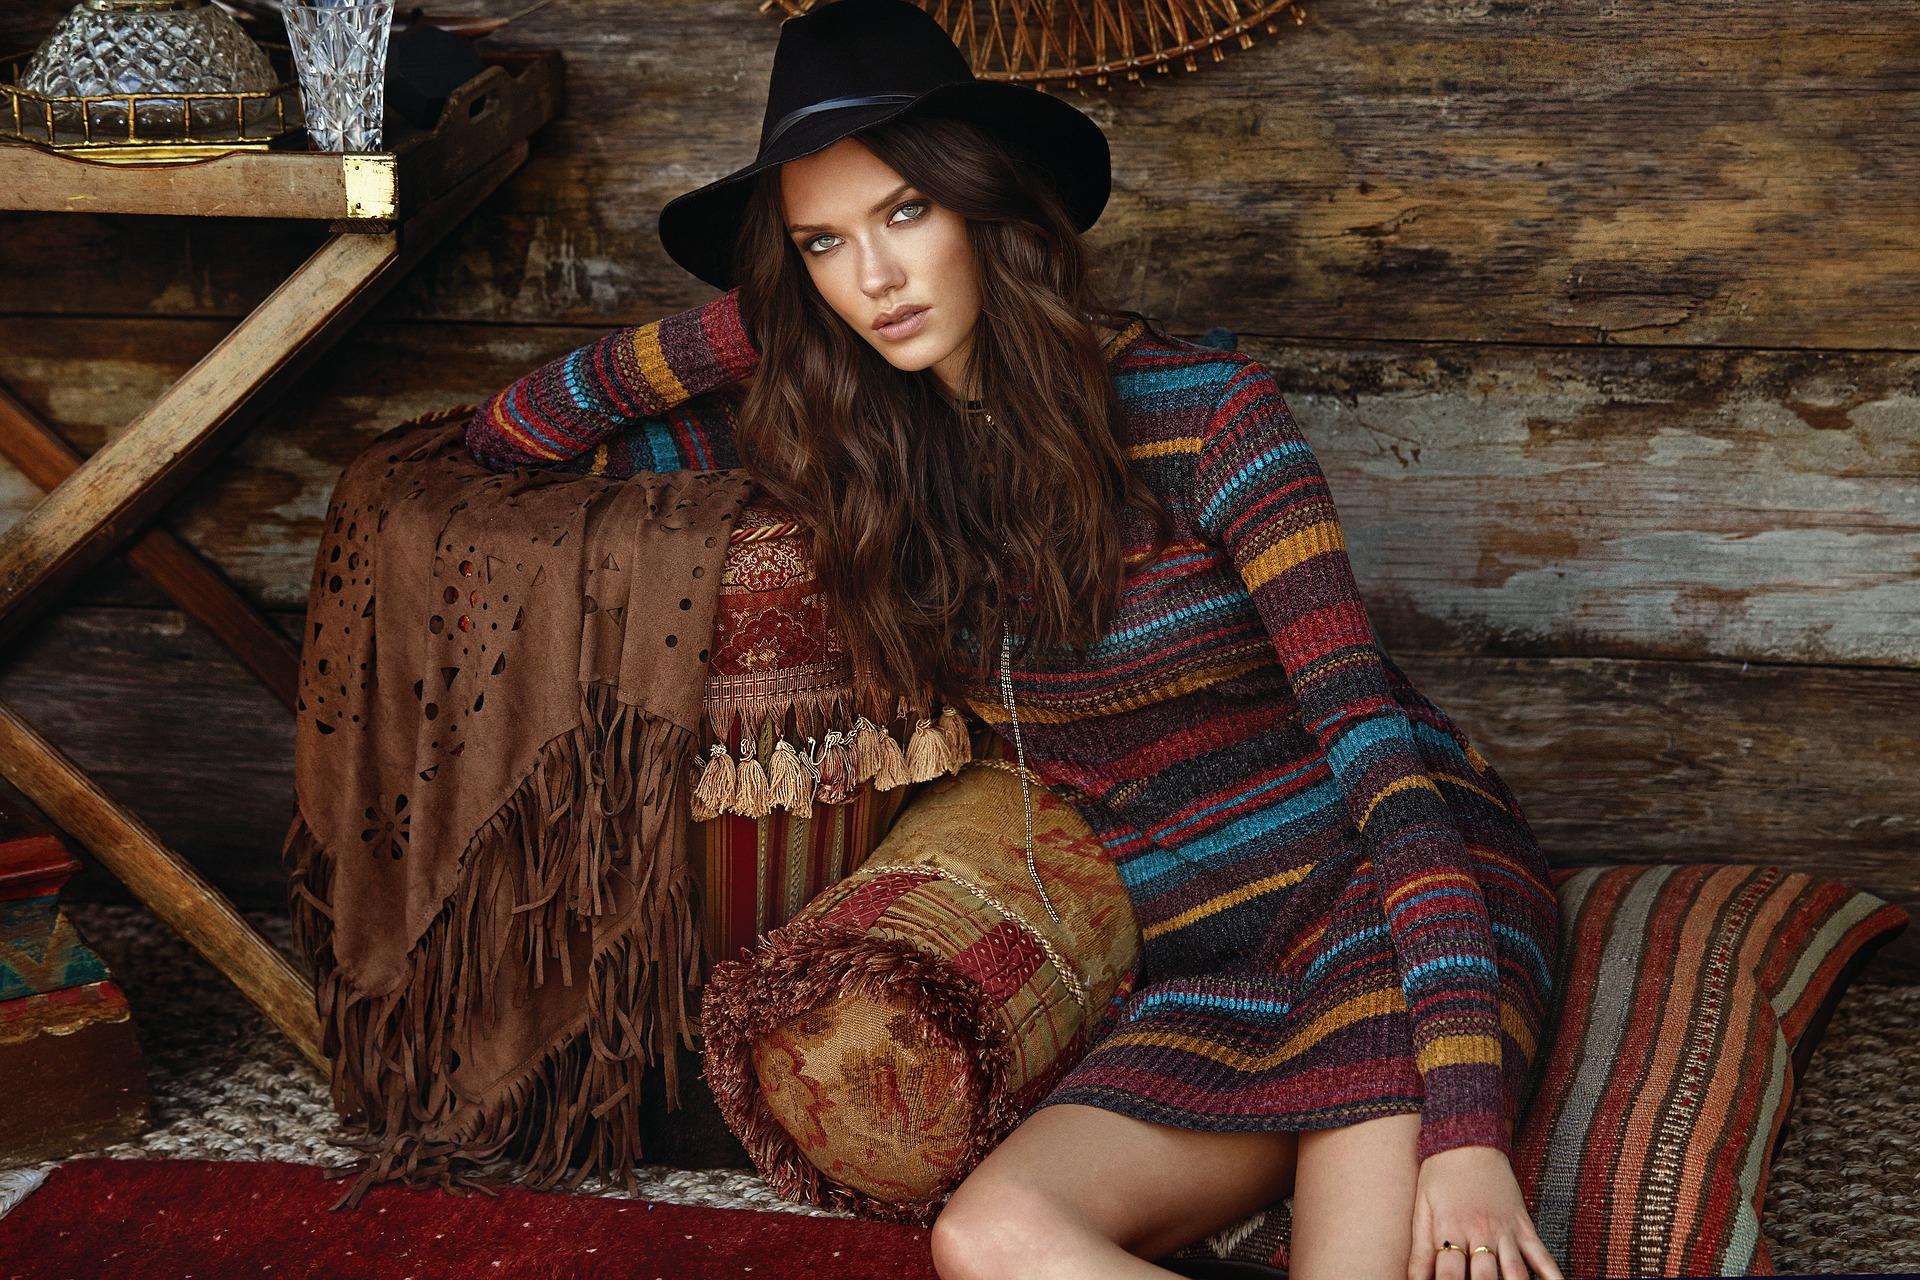 ANSWEAR zdobywa Europę moda fashion 1636868 1920